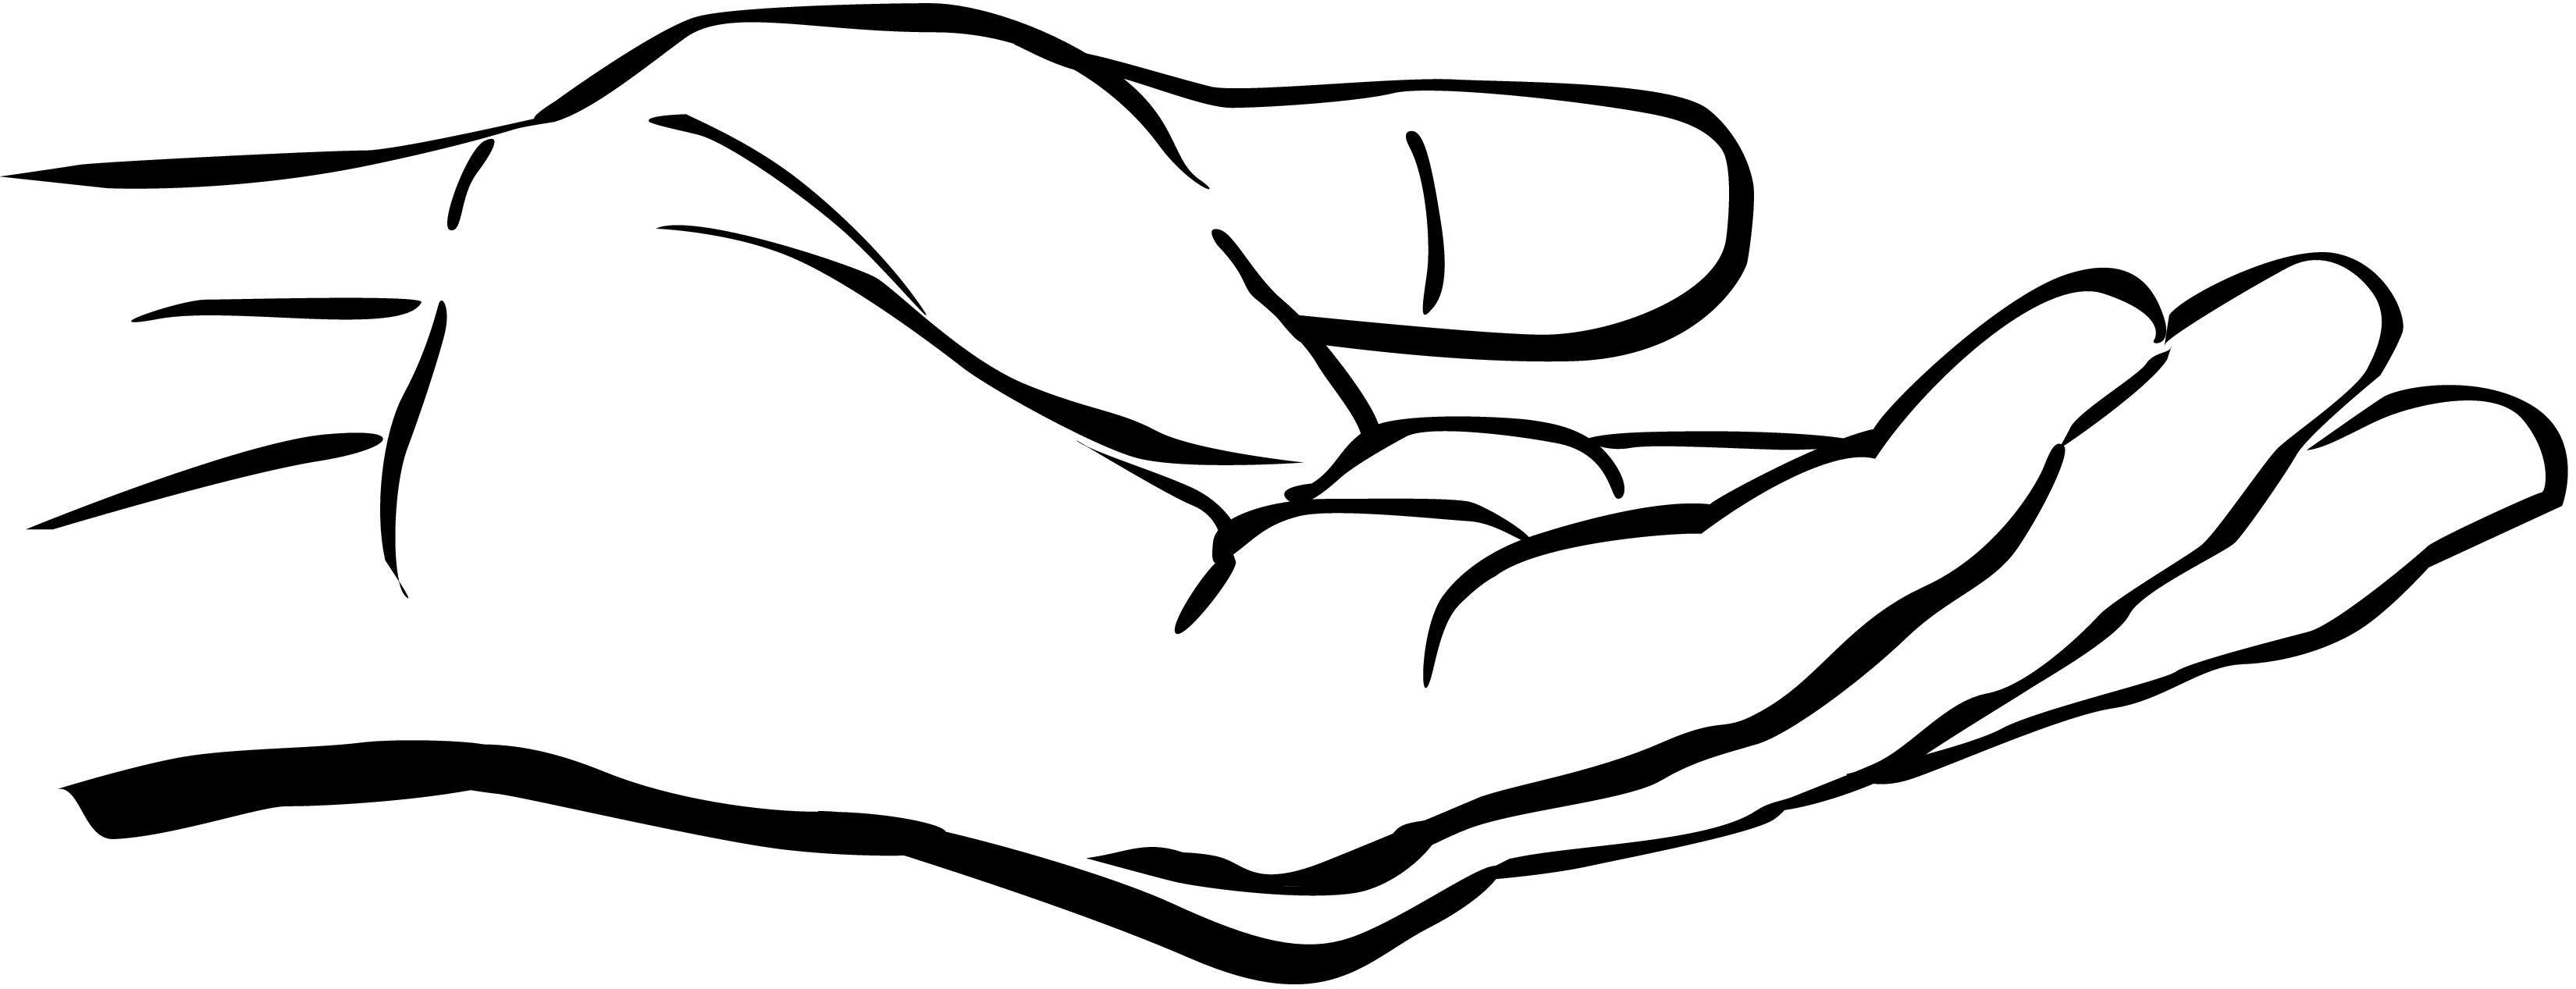 Raised fist tattoo